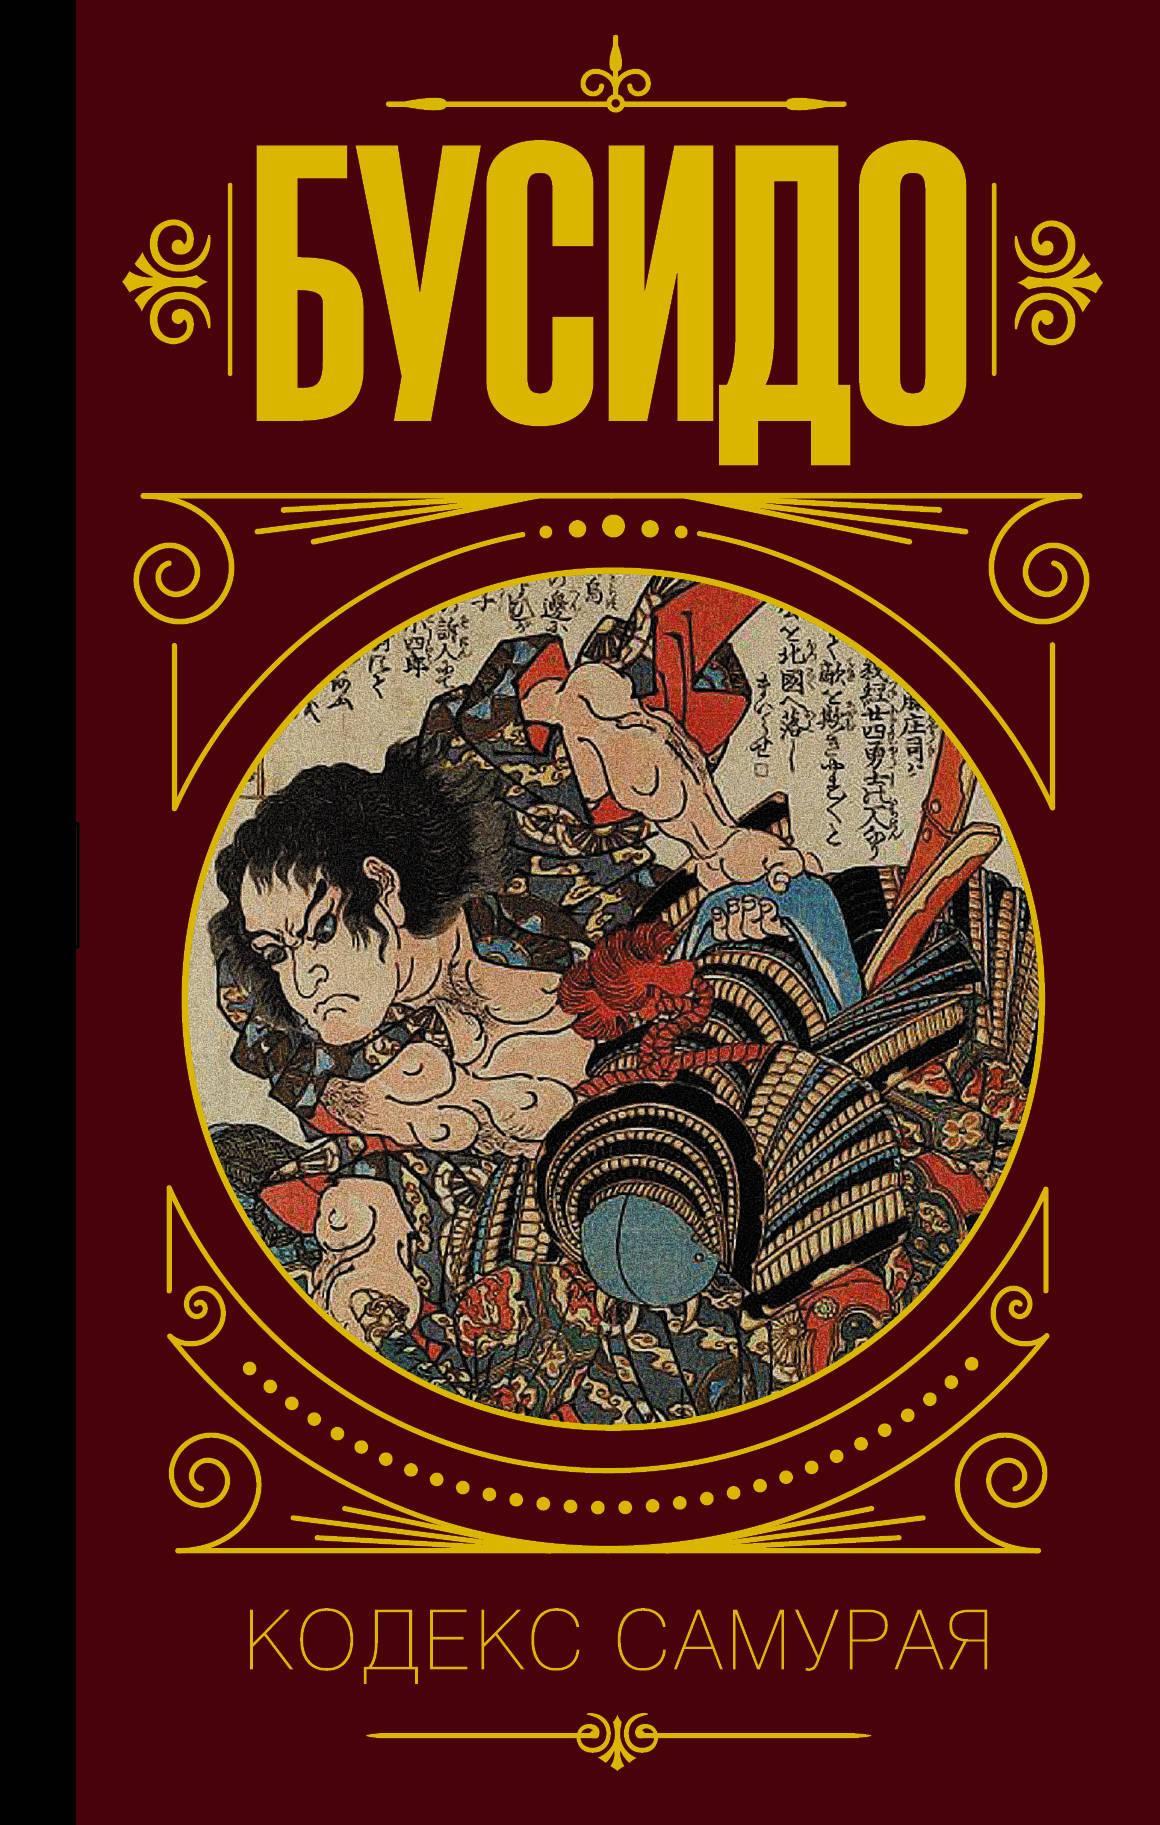 . Бусидо. Кодекс самурая.